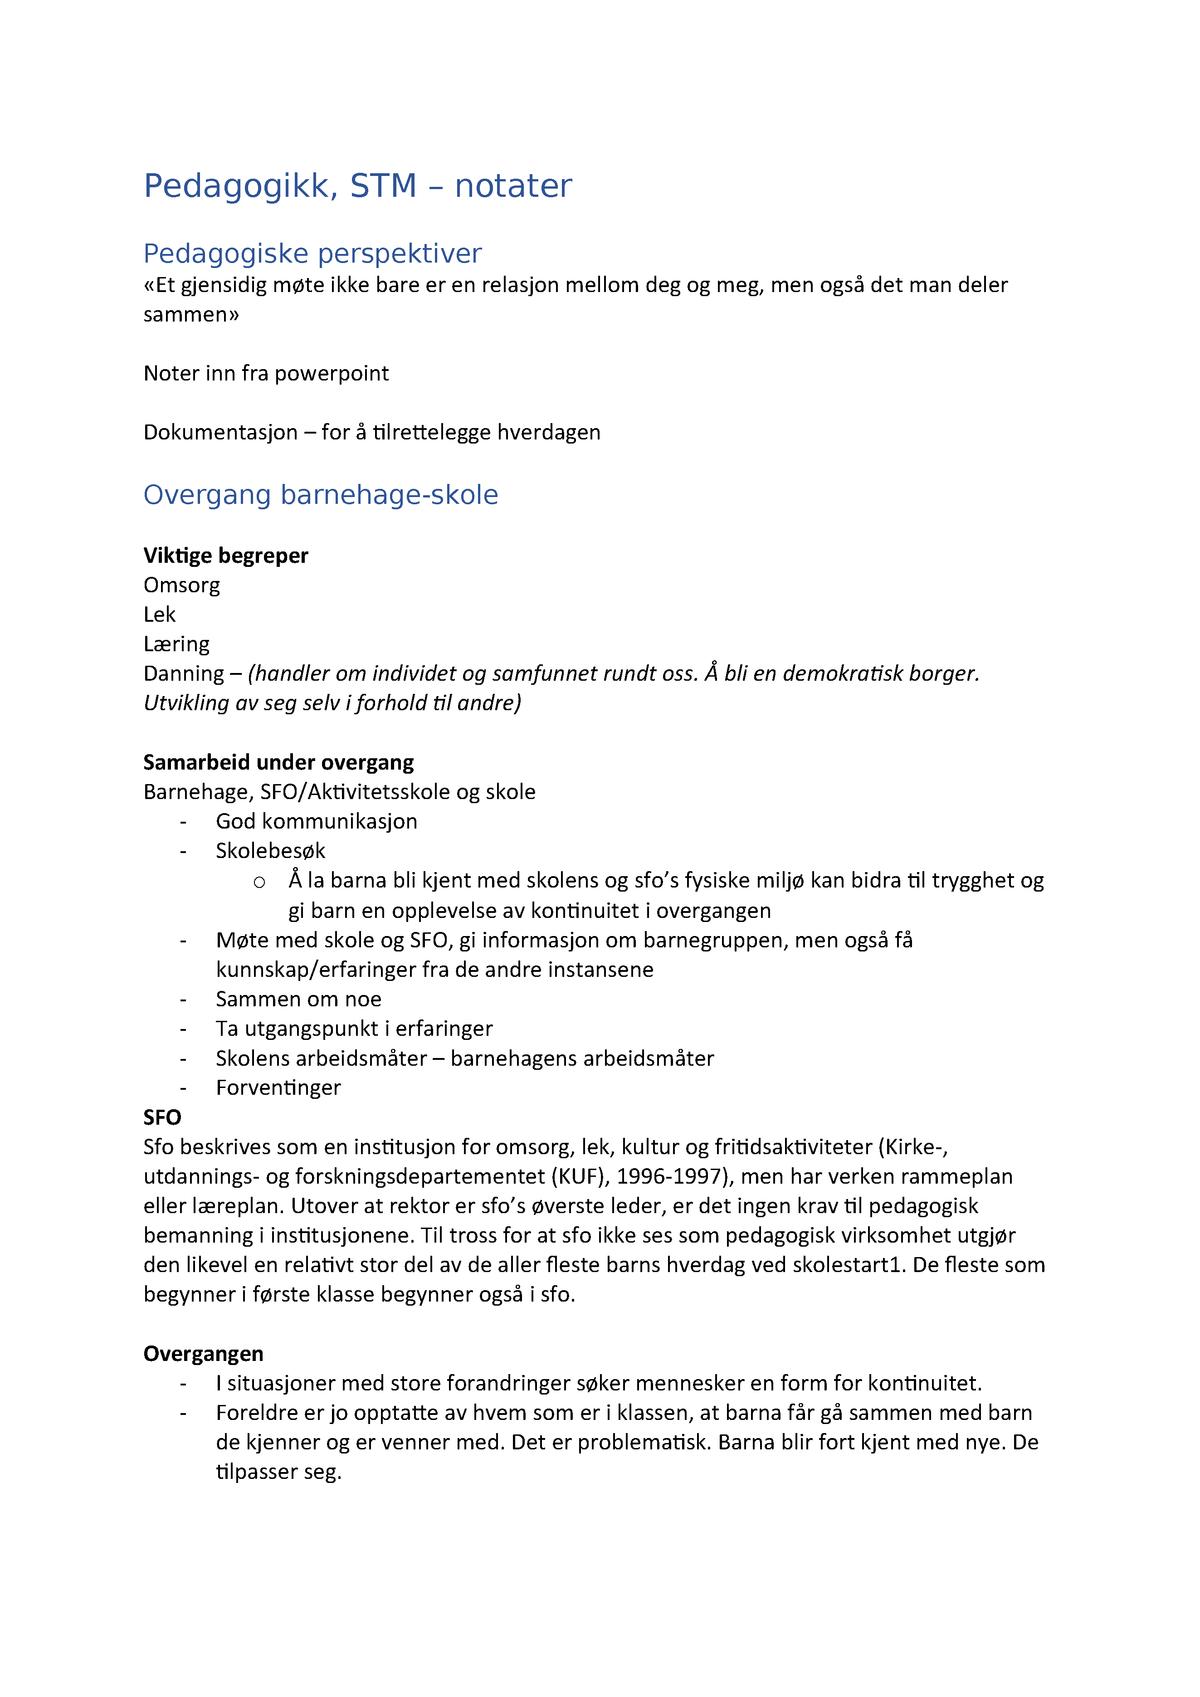 17da28196 Ped i STM - Foredragsnotater 5-10 - BLH2100: Språk, tekst og ...